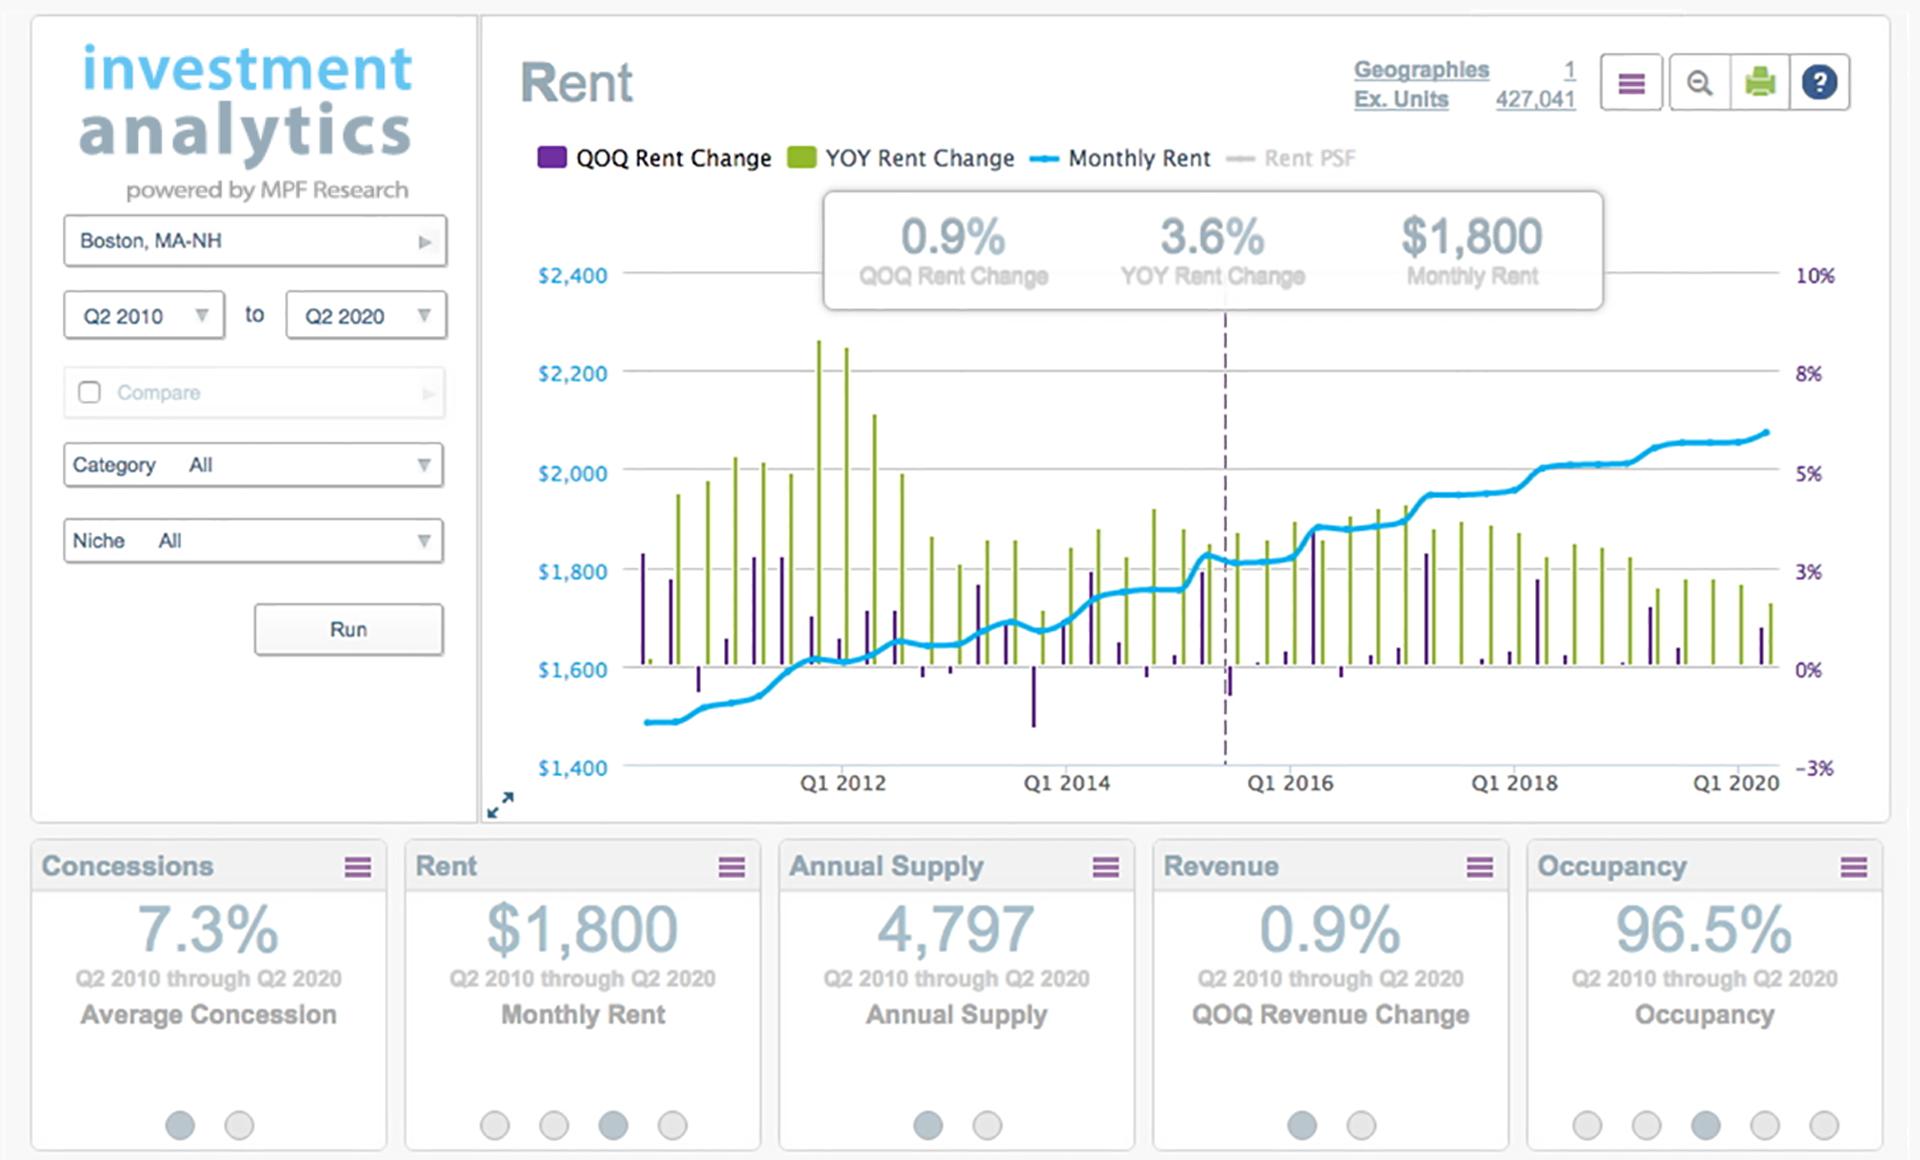 Investment analytics